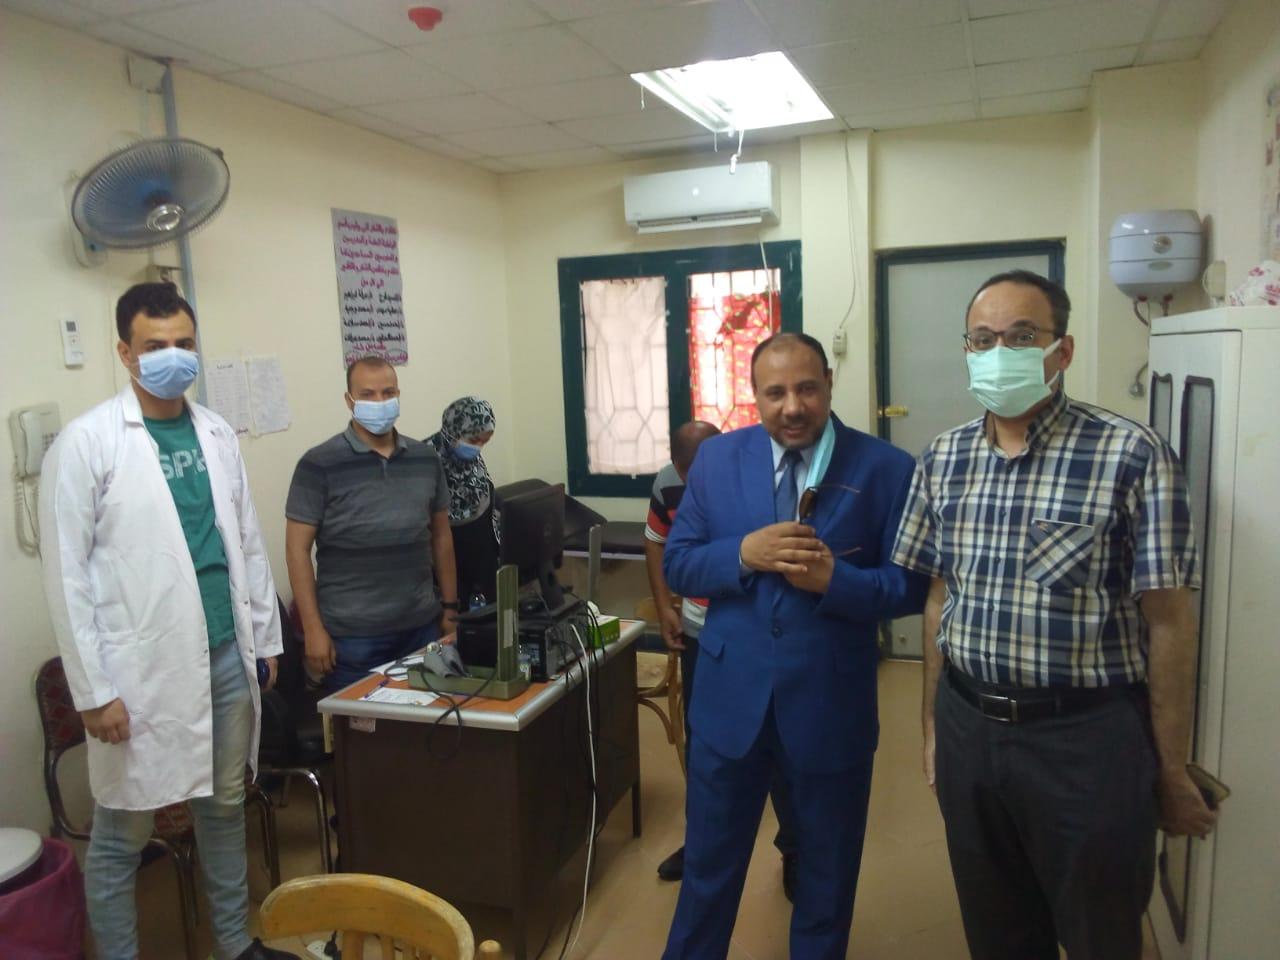 نائب رئيس جامعة الأزهر يتفقد العيادات الخارجية بالمستشفى الجامعي بأسيوط